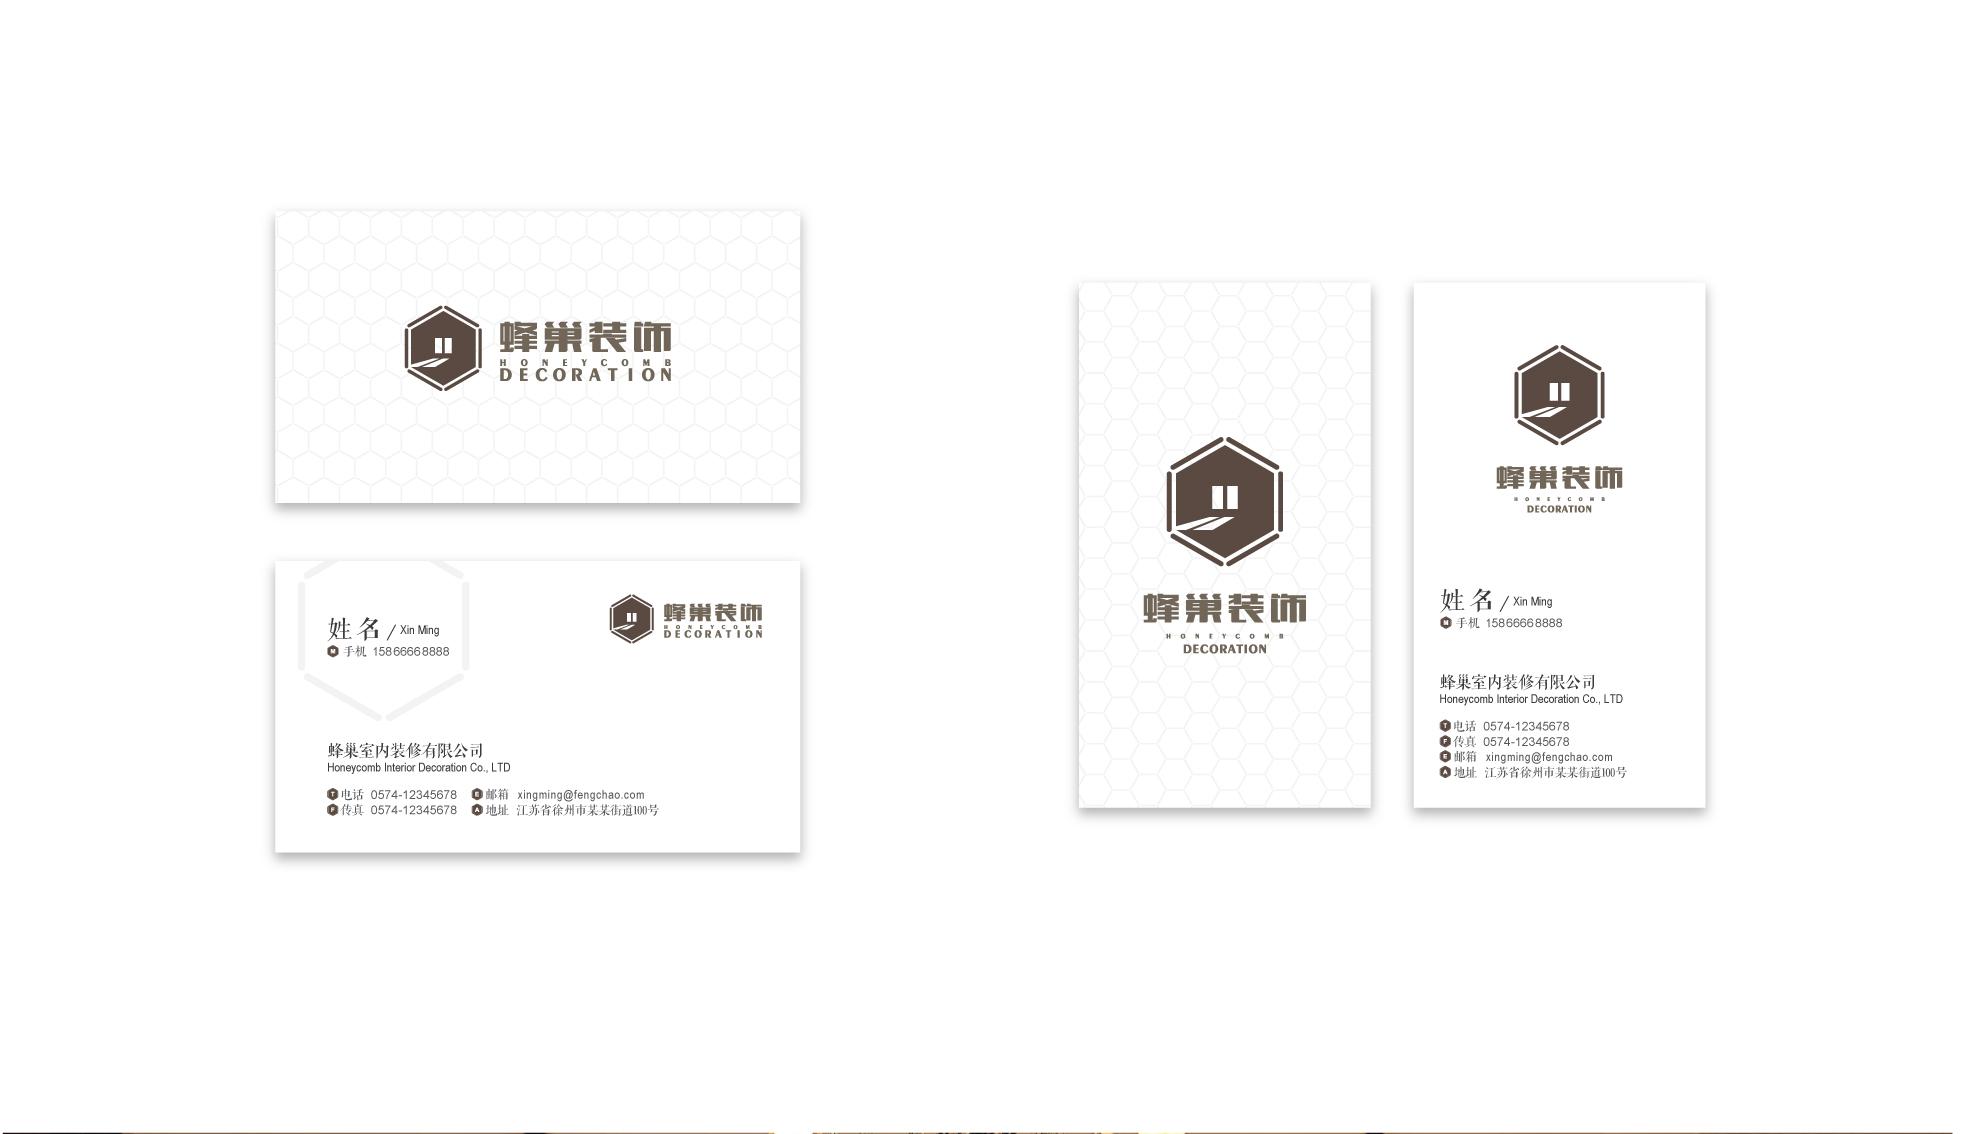 室内家装设计公司logo及名片设计图片